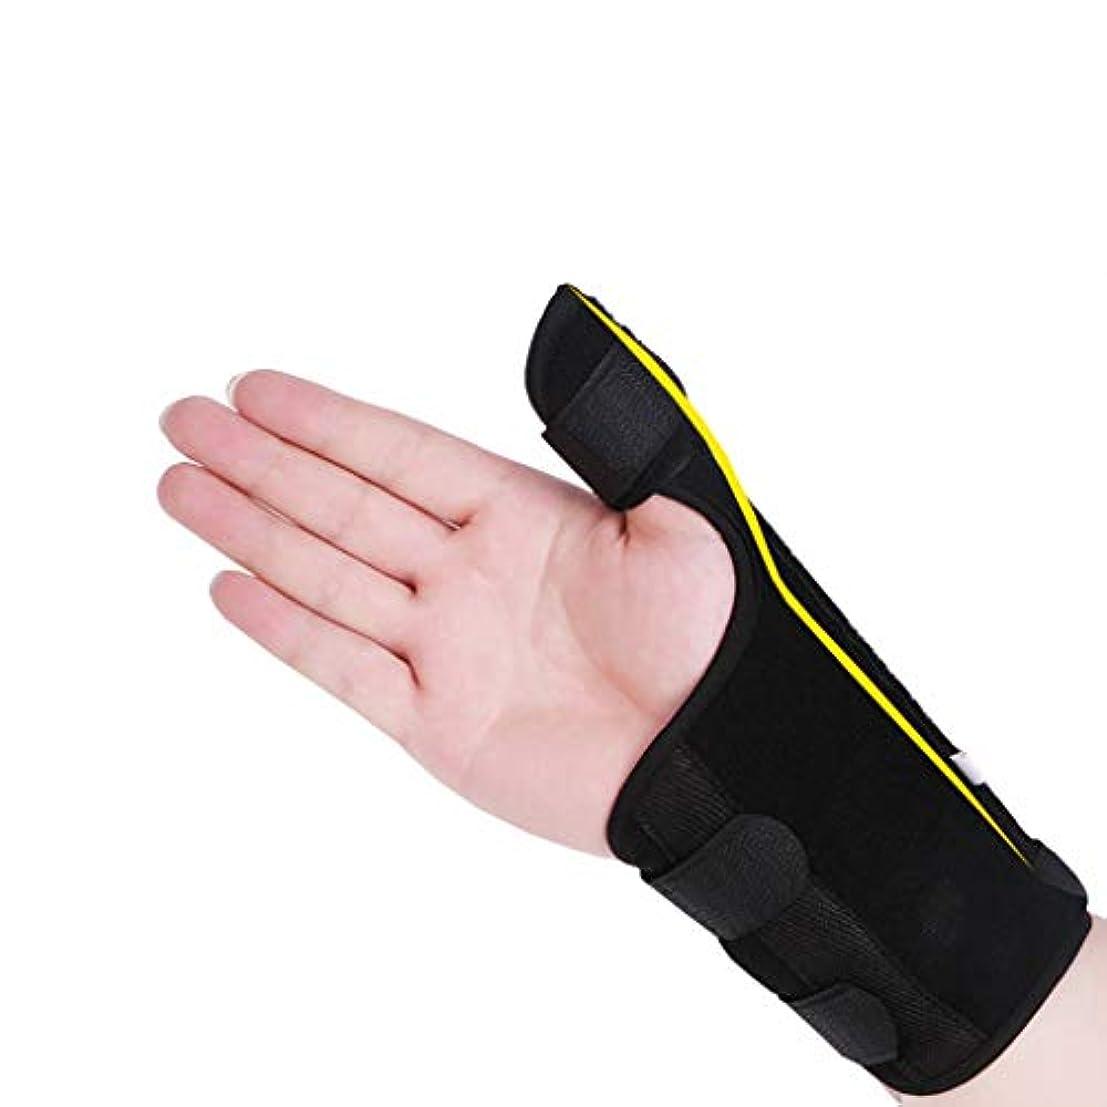 賠償シーボード引き出し親指サポートガード、軽量で通気性、関節の手根管のための作り付けの副木を使用して安定した無制限の柔らかいティッシュの傷害,Right,M